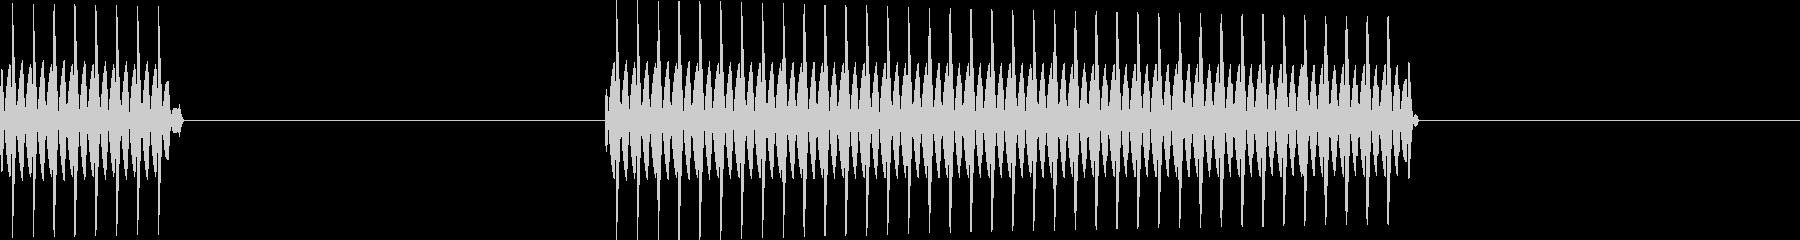 ブッブー(クイズ_不正解)の未再生の波形